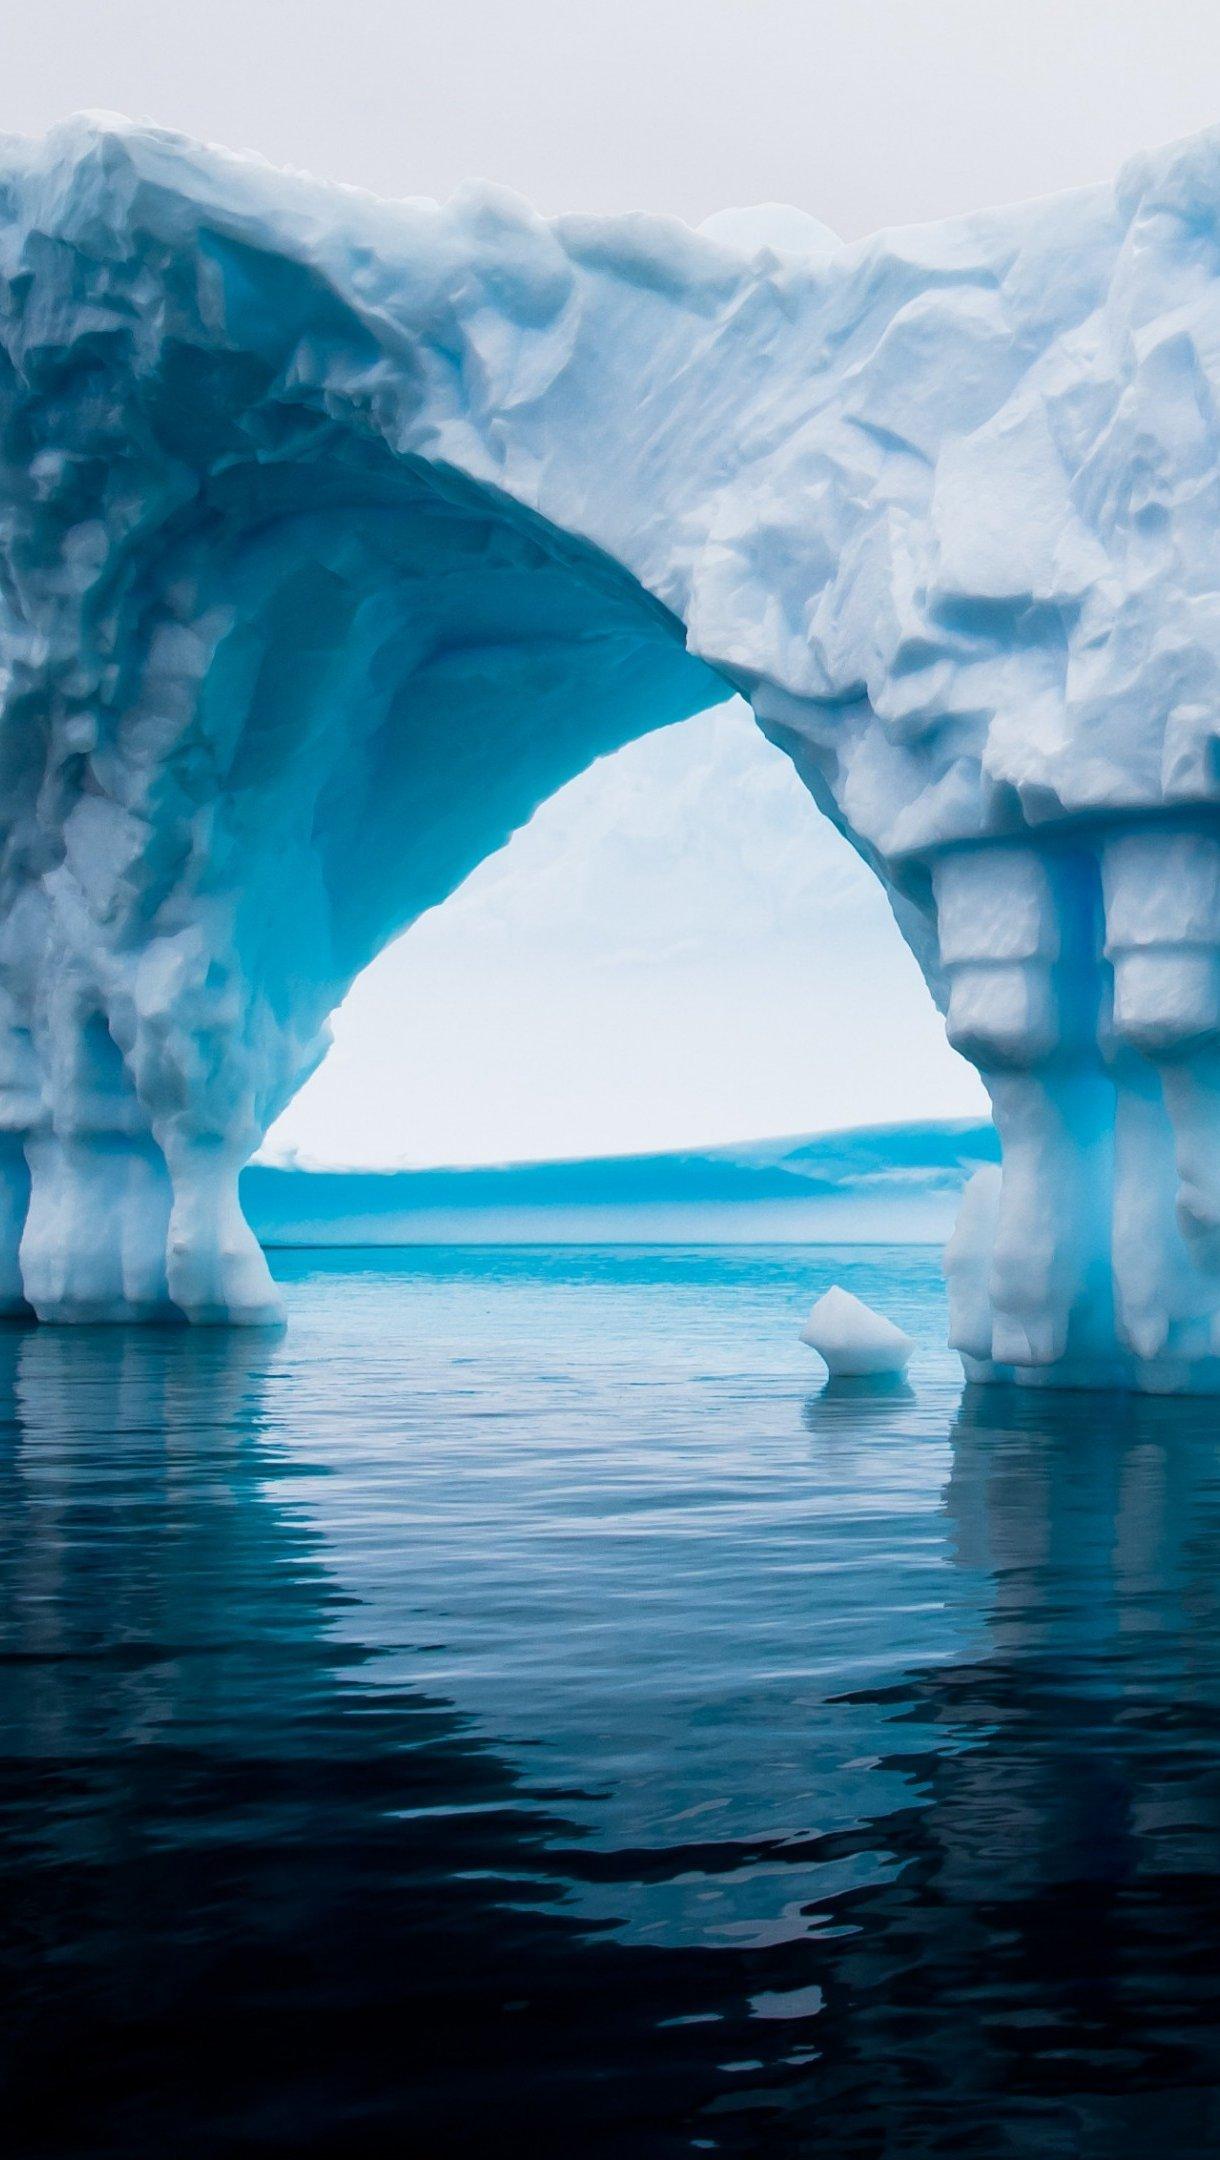 Fondos de pantalla Iceberg en el mar de Antártida Vertical